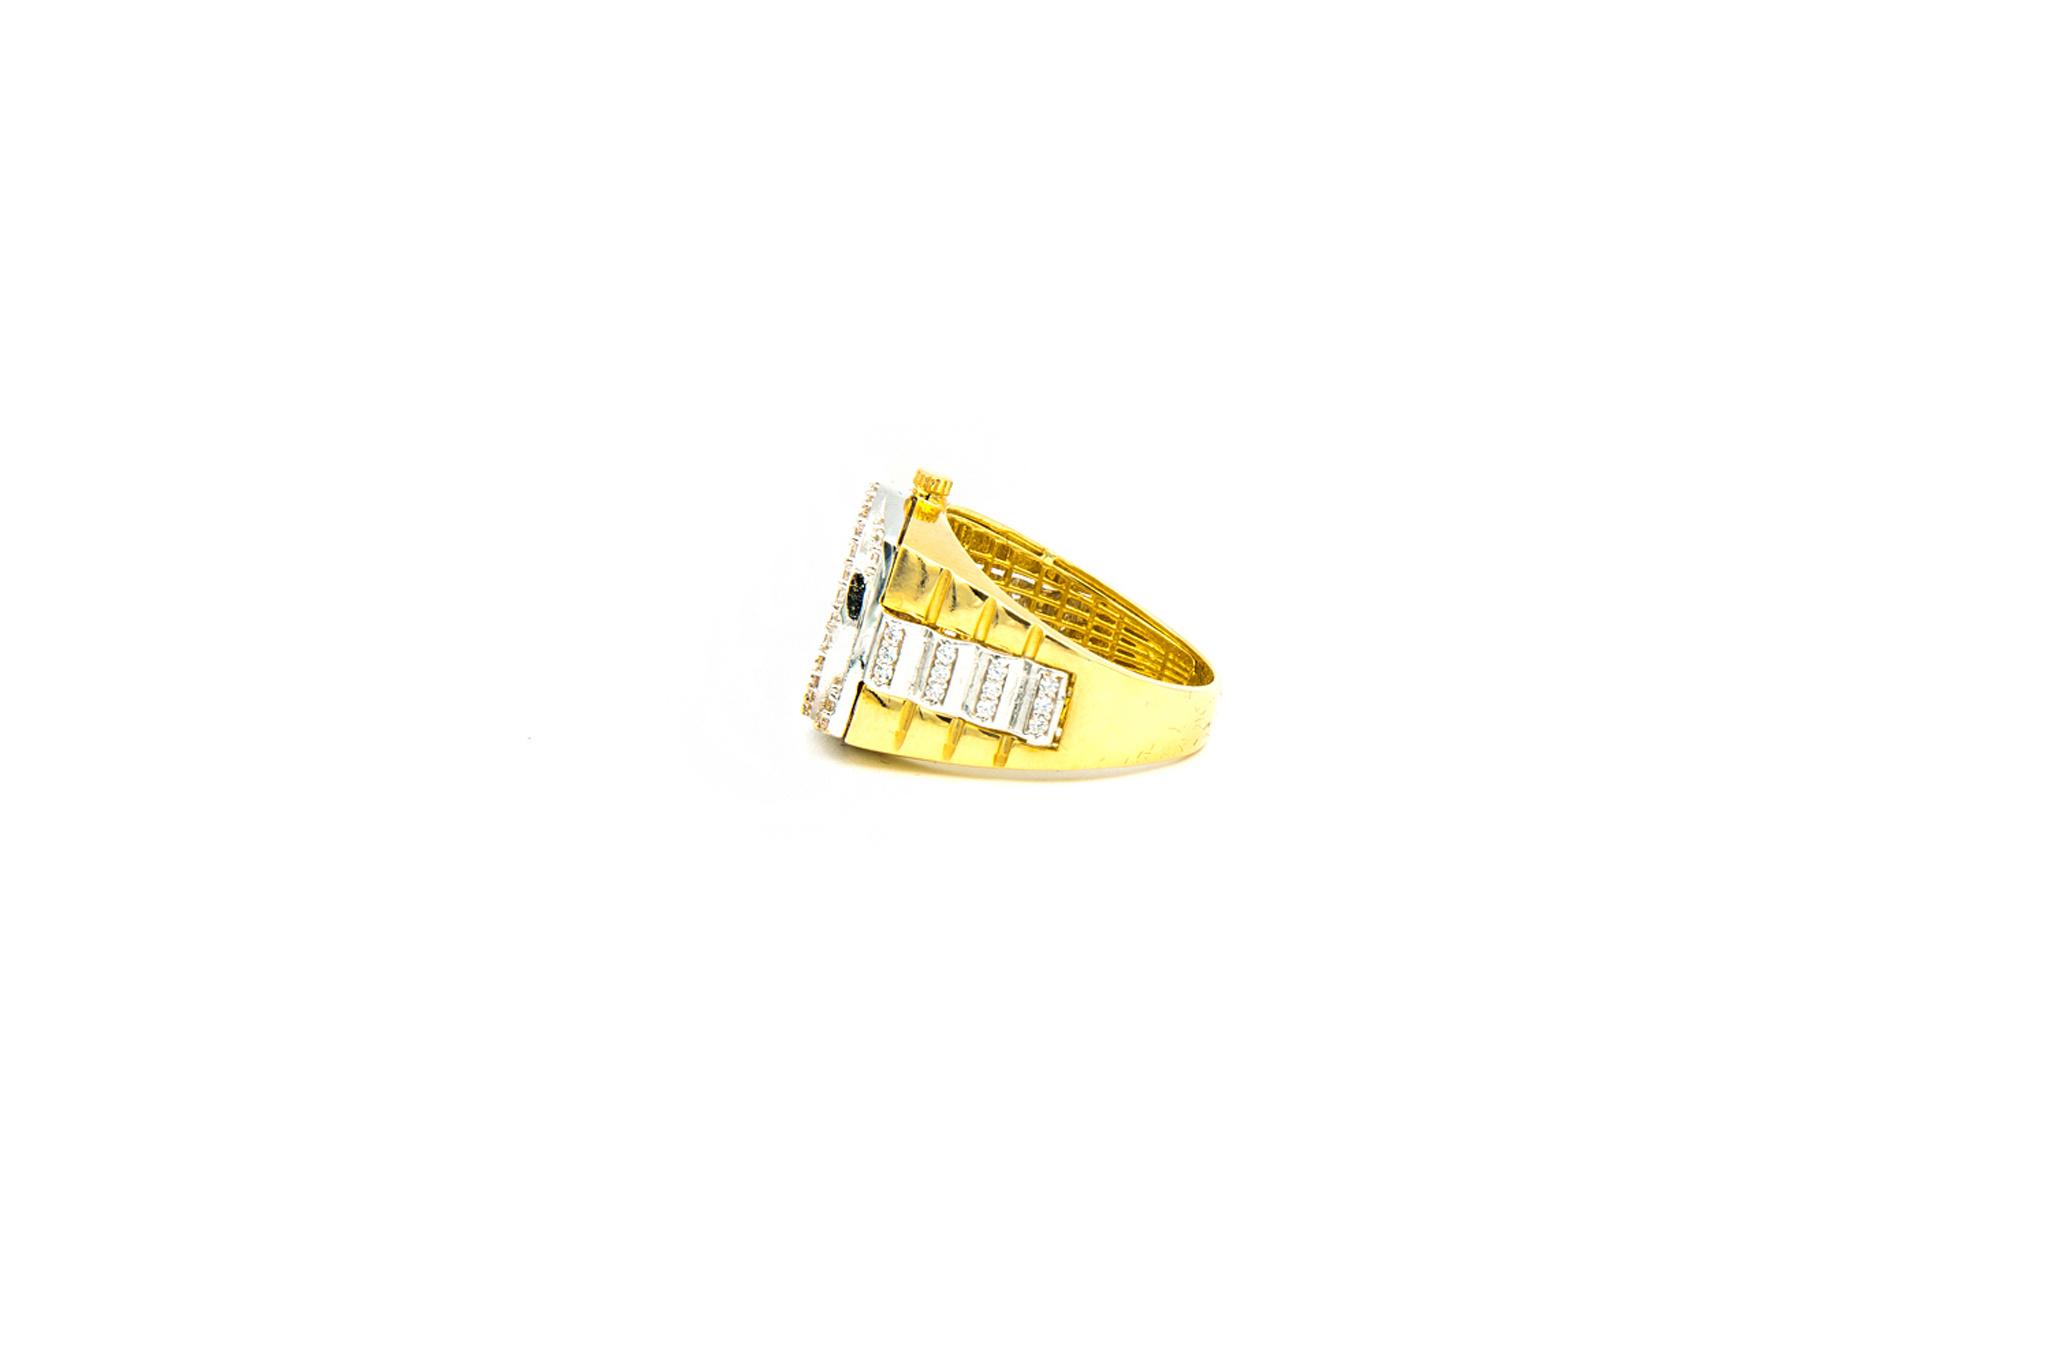 Ring horloge bezet met zirkonia's, bicolor-3